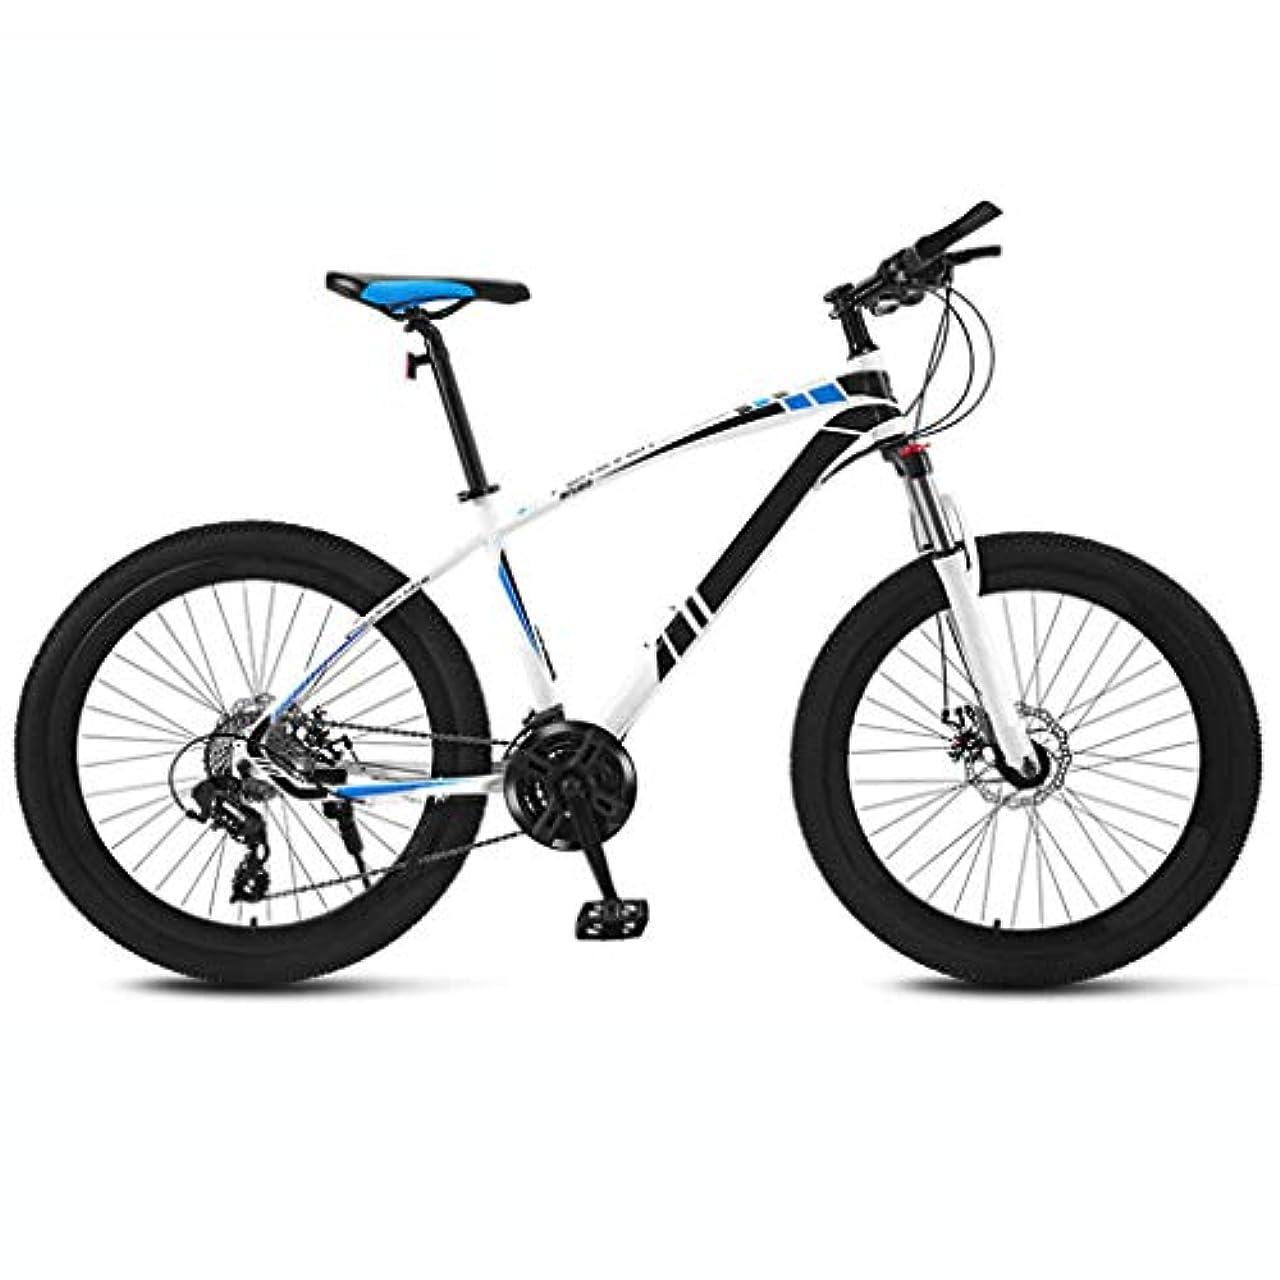 先に晩ごはん相談するクロスバイク マウンテンバイク 21/24/27/30段変速 高炭素鋼フレーム ダブルディスクブレーキ 自転車 4色選べる